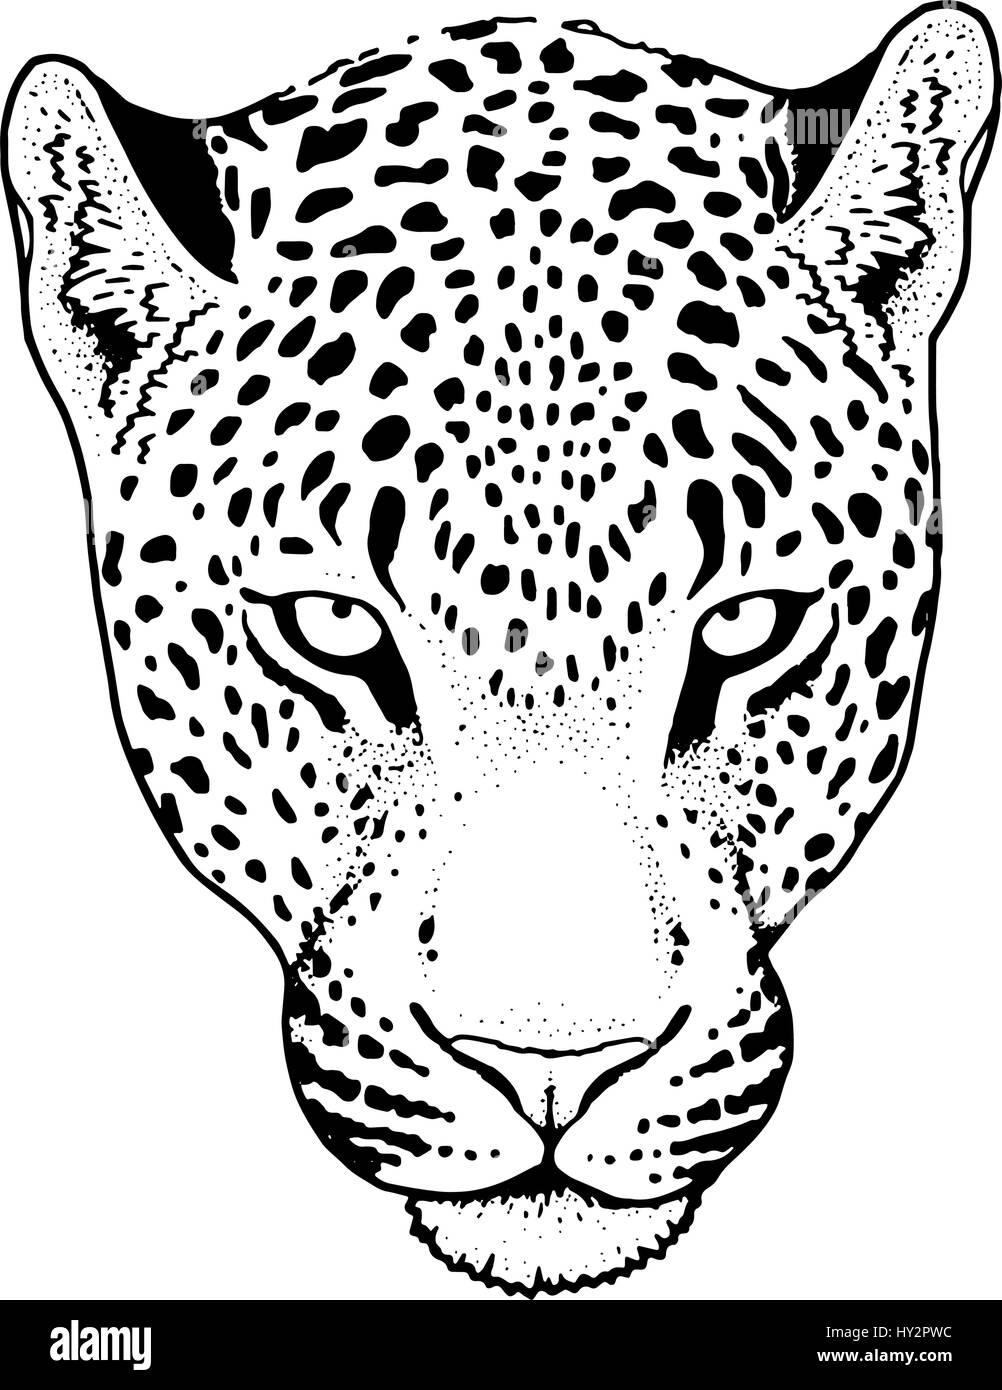 illustration jaguar stock photos illustration jaguar stock images Jaguar XK150 leopard face tattoo vector illustration print stock image